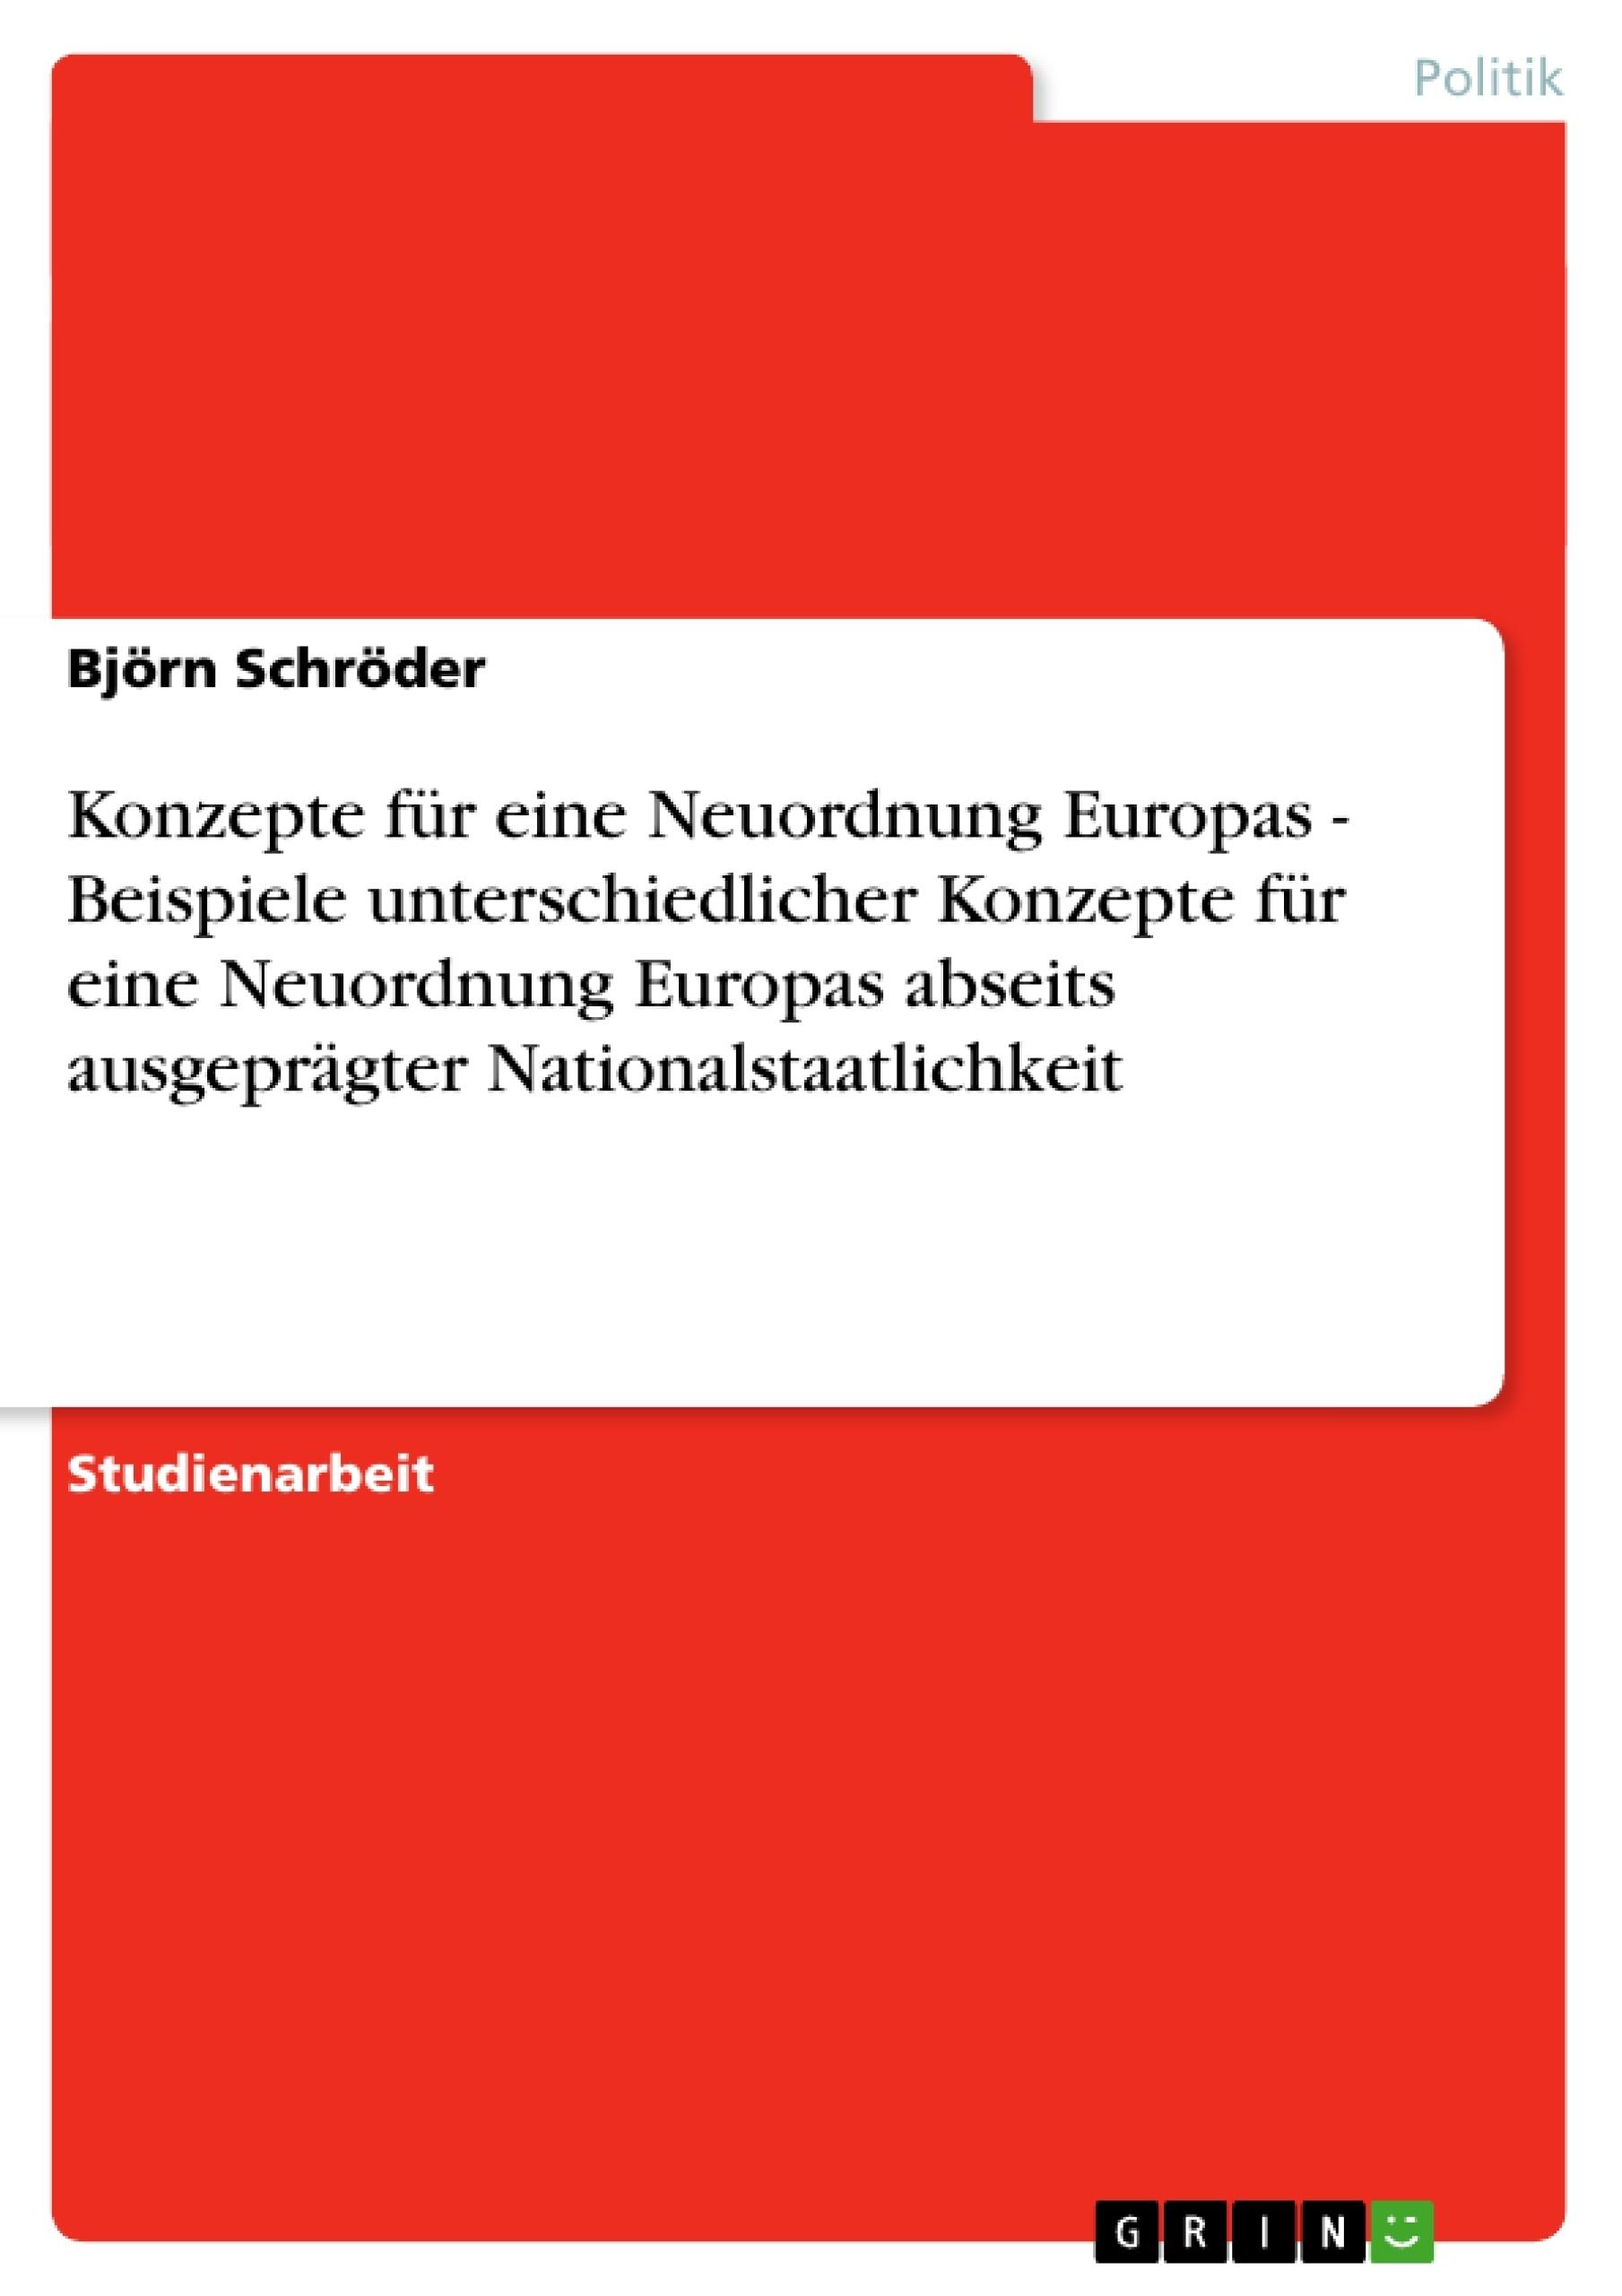 Titel: Konzepte für eine Neuordnung Europas - Beispiele unterschiedlicher Konzepte für eine Neuordnung Europas abseits ausgeprägter Nationalstaatlichkeit